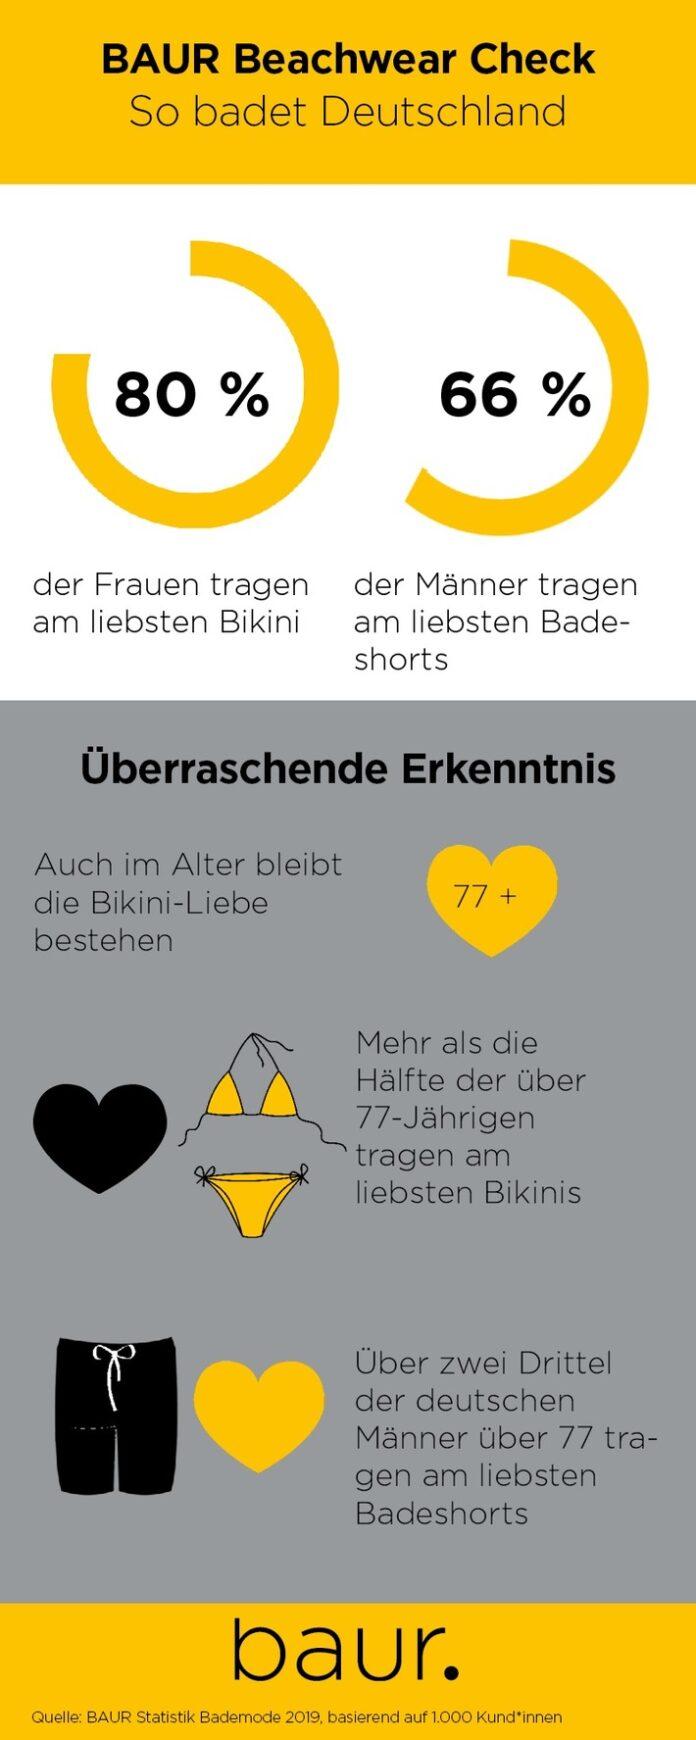 BAUR Infografik. Weiterer Text über ots und www.presseportal.de/nr/43852 / Die Verwendung dieses Bildes ist für redaktionelle Zwecke honorarfrei. Veröffentlichung bitte unter Quellenangabe: